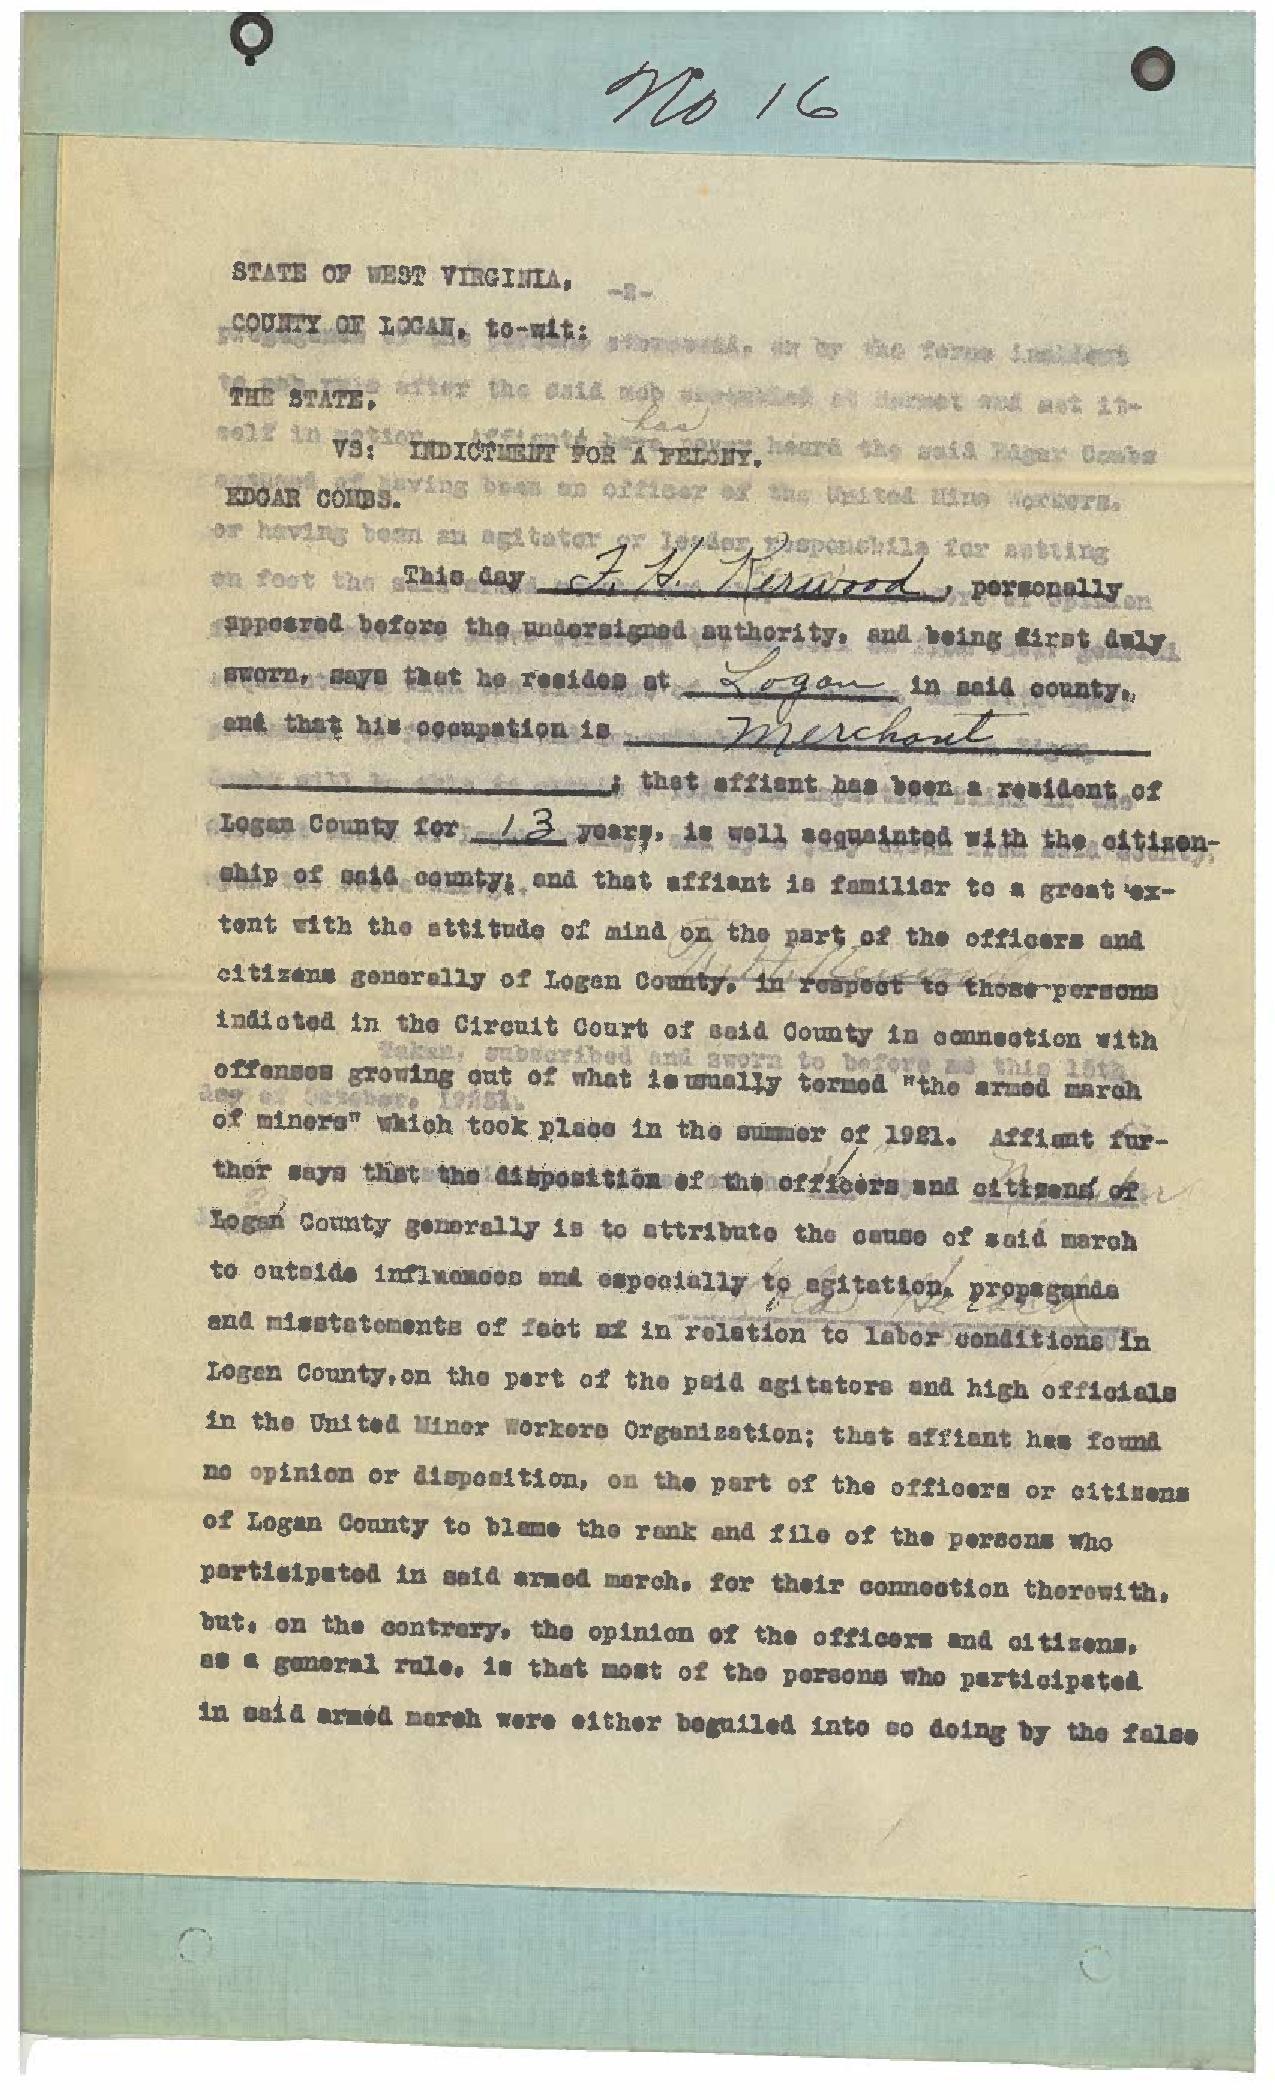 Document 16-1